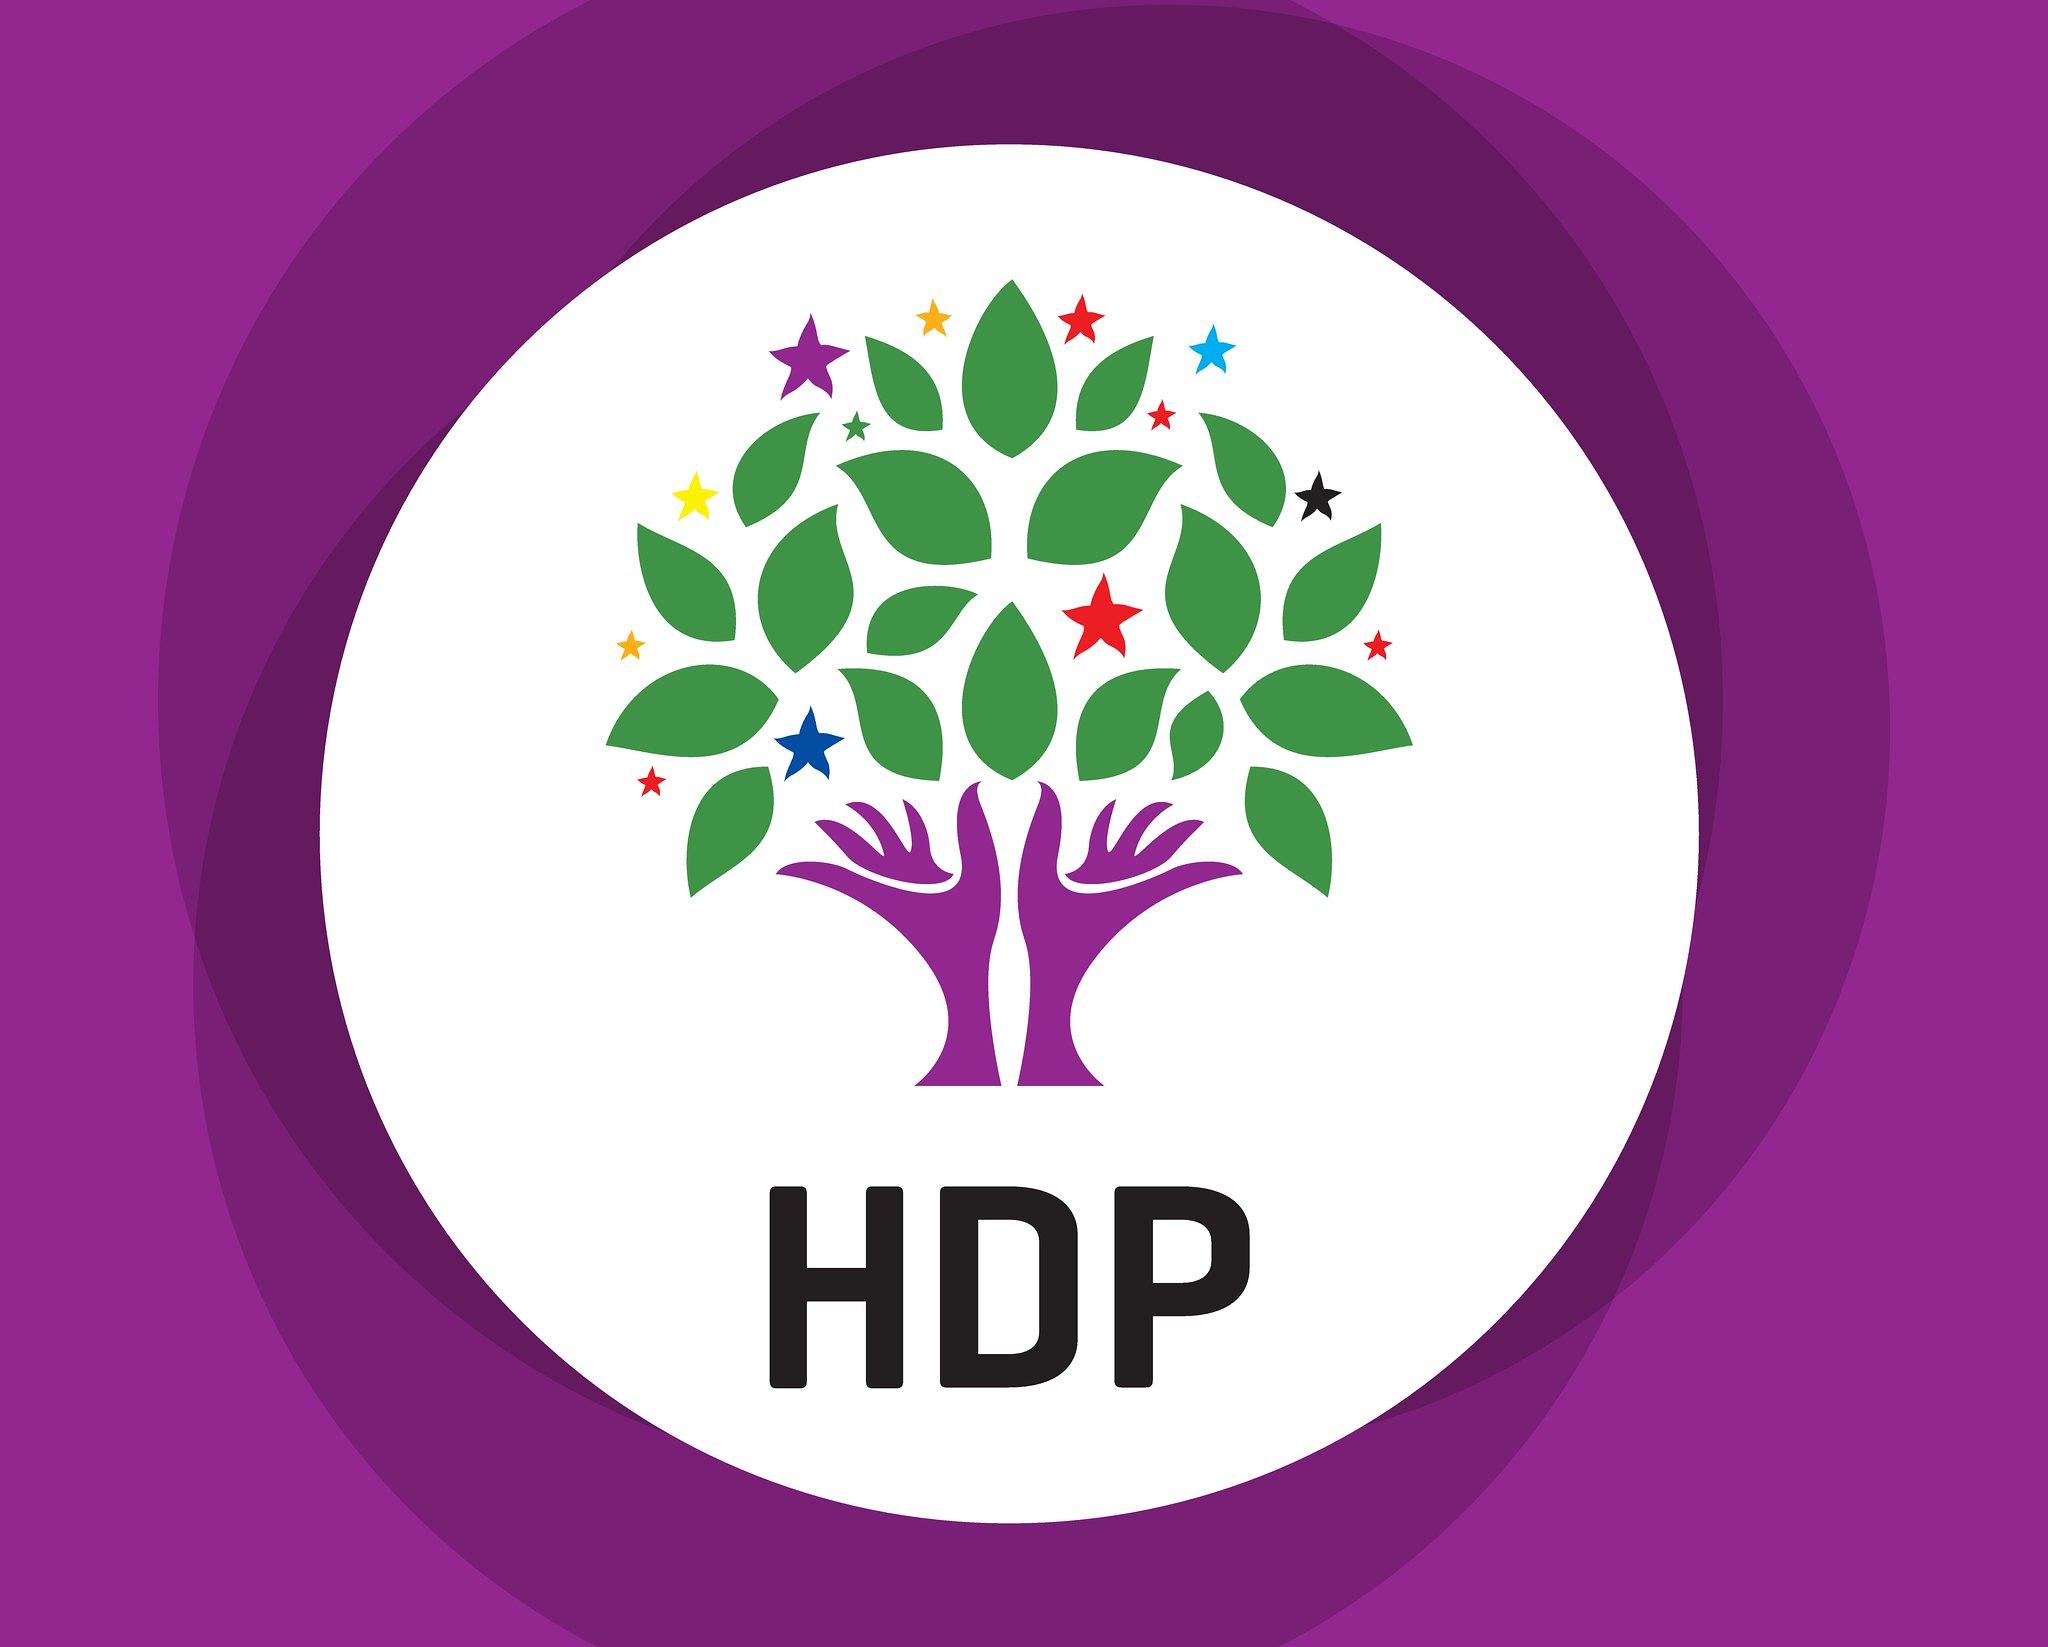 CONDAMNATION DES ATTAQUES POLITIQUES CONTRE L'OPPOSITION EN TURQUIE